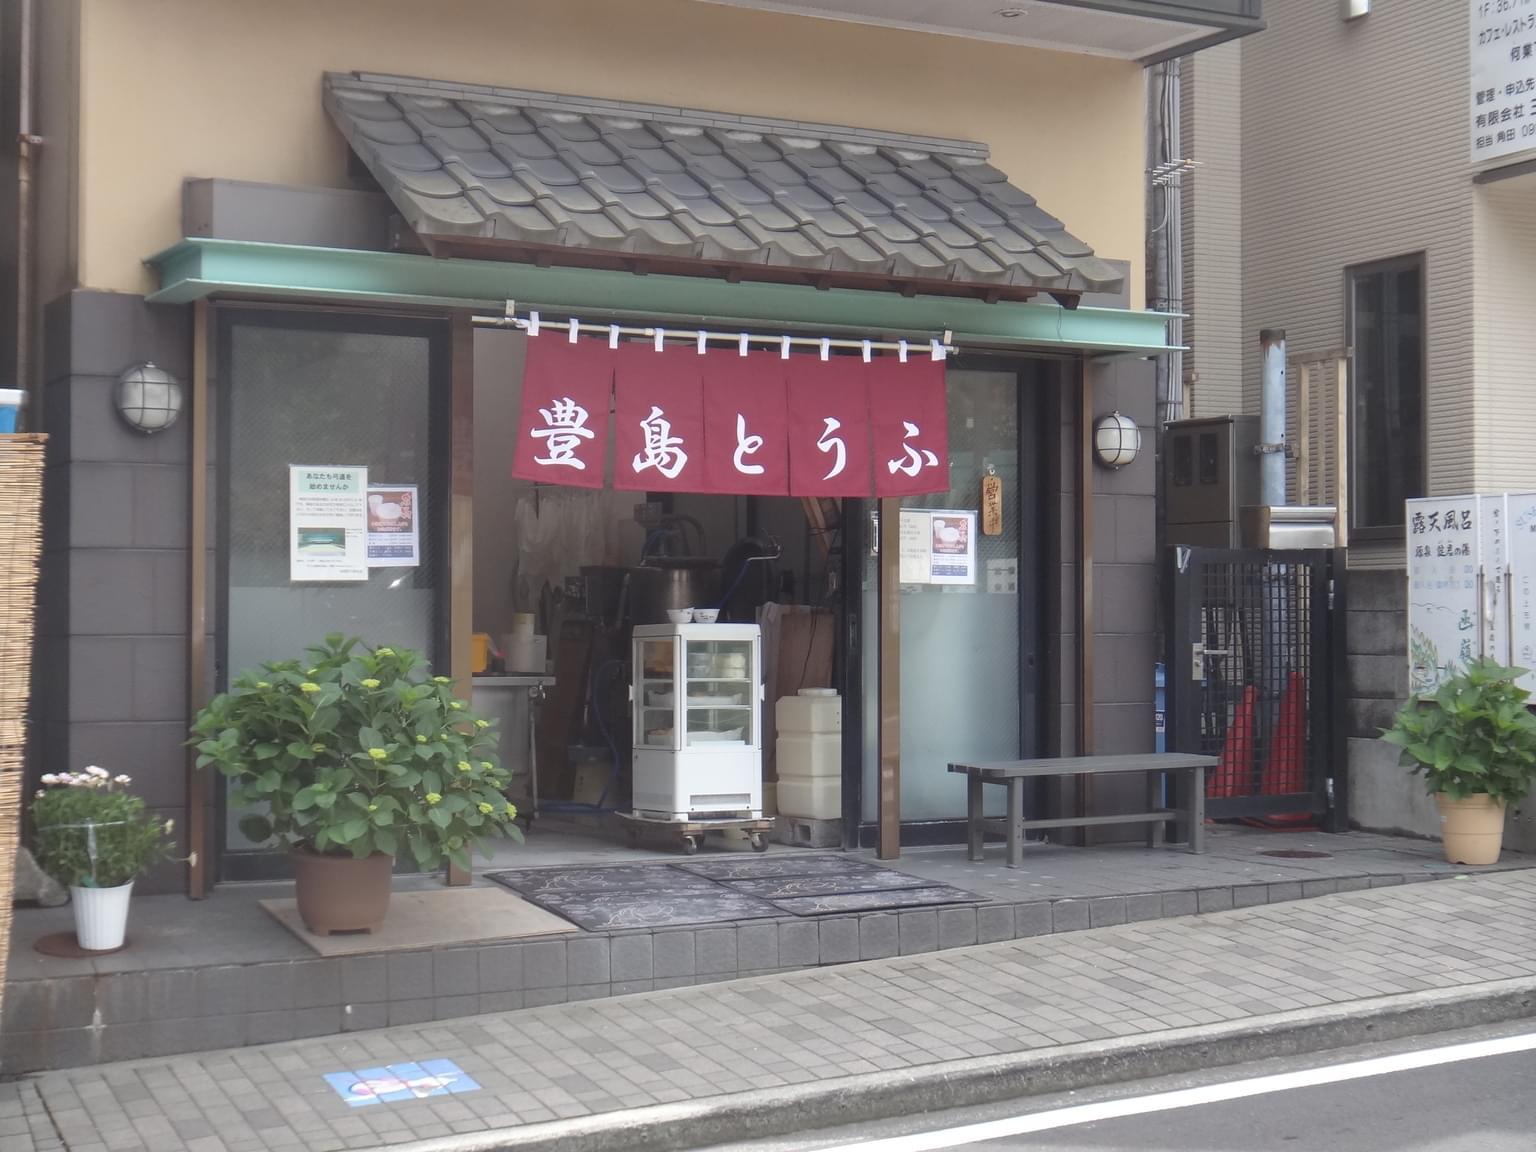 箱根・宮ノ下&小涌谷の見どころ&ショッピングおすすめ6選